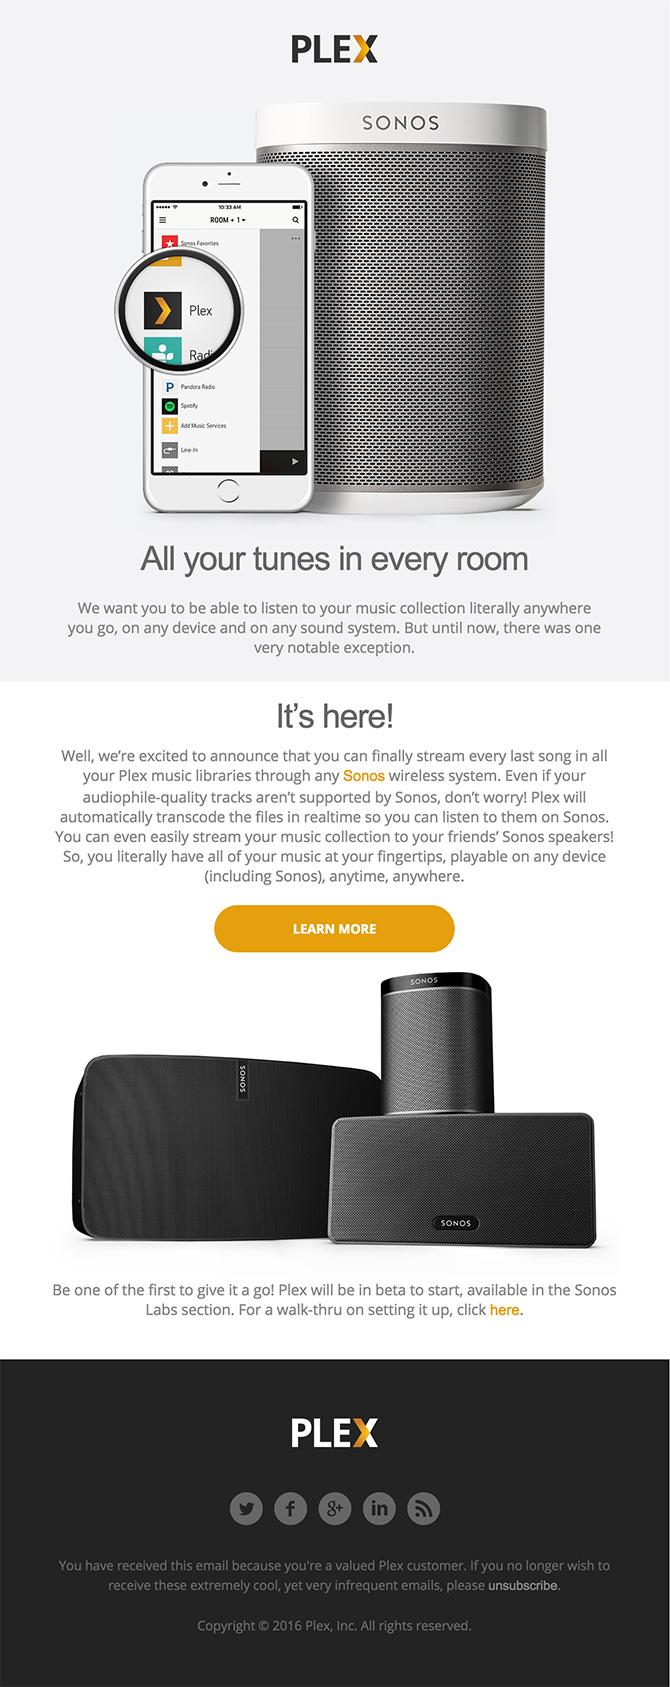 html email design Flex plus Sonos